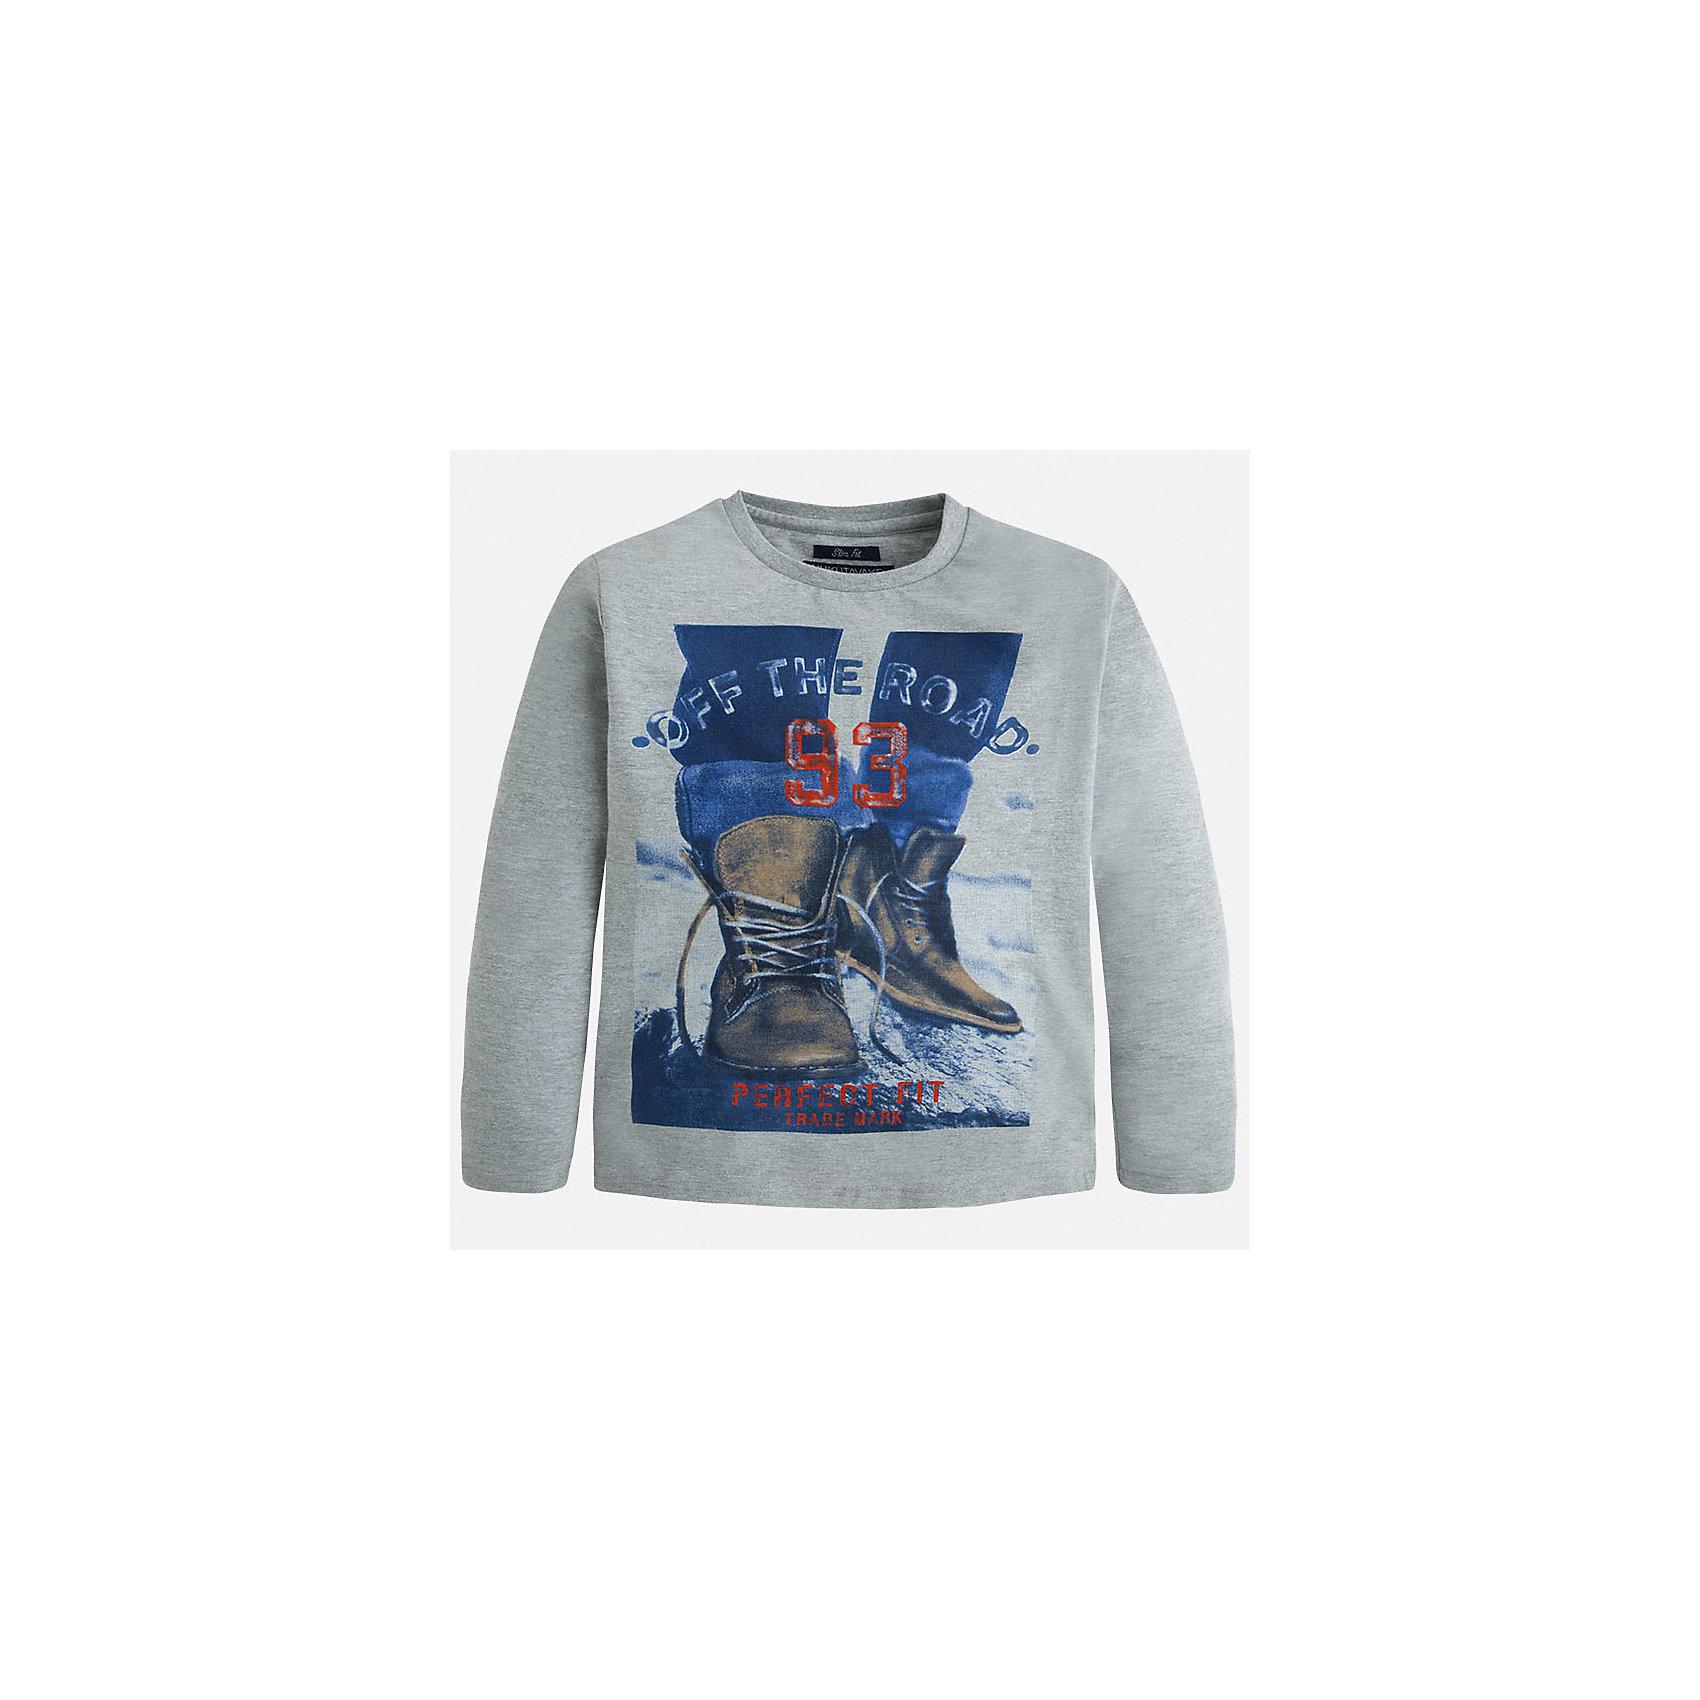 Футболка с длинным рукавом  для мальчика MayoralФутболки с длинным рукавом<br>Хлопковая футболка с длинными рукавами - это  базовая вещь в любом гардеробе. Благодаря длинным рукавам и легкому составу ткани, ее можно носить в любое время года, а яркий орнамент, подчеркнет индивидуальный стиль Вашего ребенка!<br><br>Дополнительная информация:<br><br>- Крой: приталенный крой.<br>- Страна бренда: Испания.<br>- Состав: хлопок 100%.<br>- Цвет: серый.<br>- Уход: бережная стирка при 30 градусах.<br><br>Купить футболку с длинным рукавом для мальчика, от  Mayoral, можно в нашем магазине.<br><br>Ширина мм: 230<br>Глубина мм: 40<br>Высота мм: 220<br>Вес г: 250<br>Цвет: серый<br>Возраст от месяцев: 96<br>Возраст до месяцев: 108<br>Пол: Мужской<br>Возраст: Детский<br>Размер: 128/134,158/164,164/170,158/164,146/152,140/146<br>SKU: 4826764